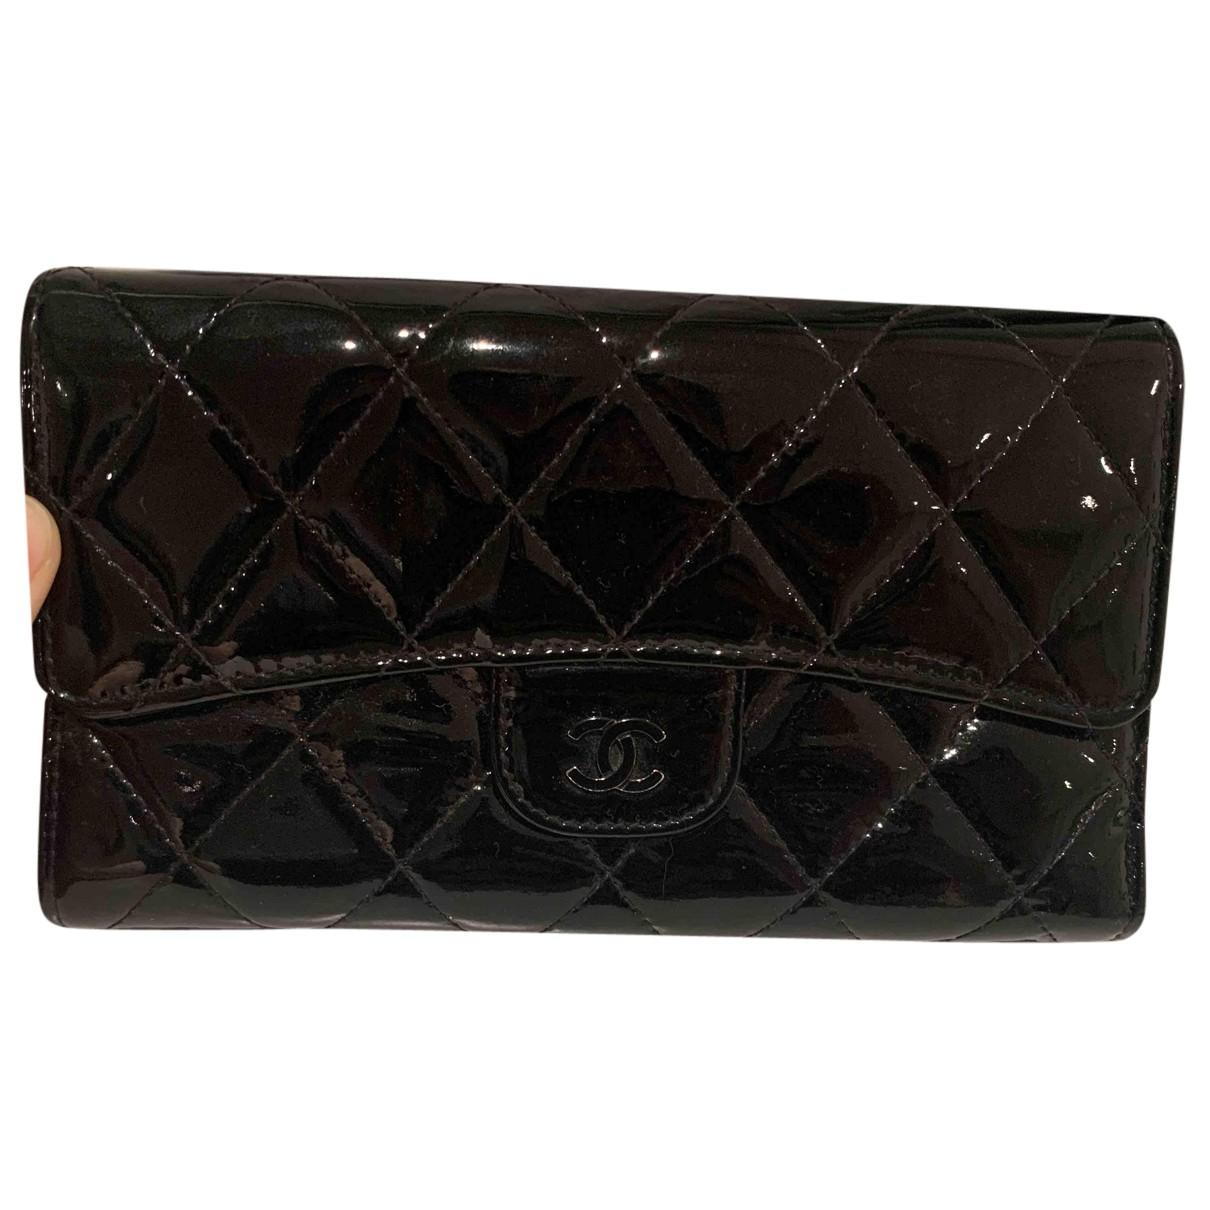 Chanel - Portefeuille 2.55 pour femme en cuir - noir